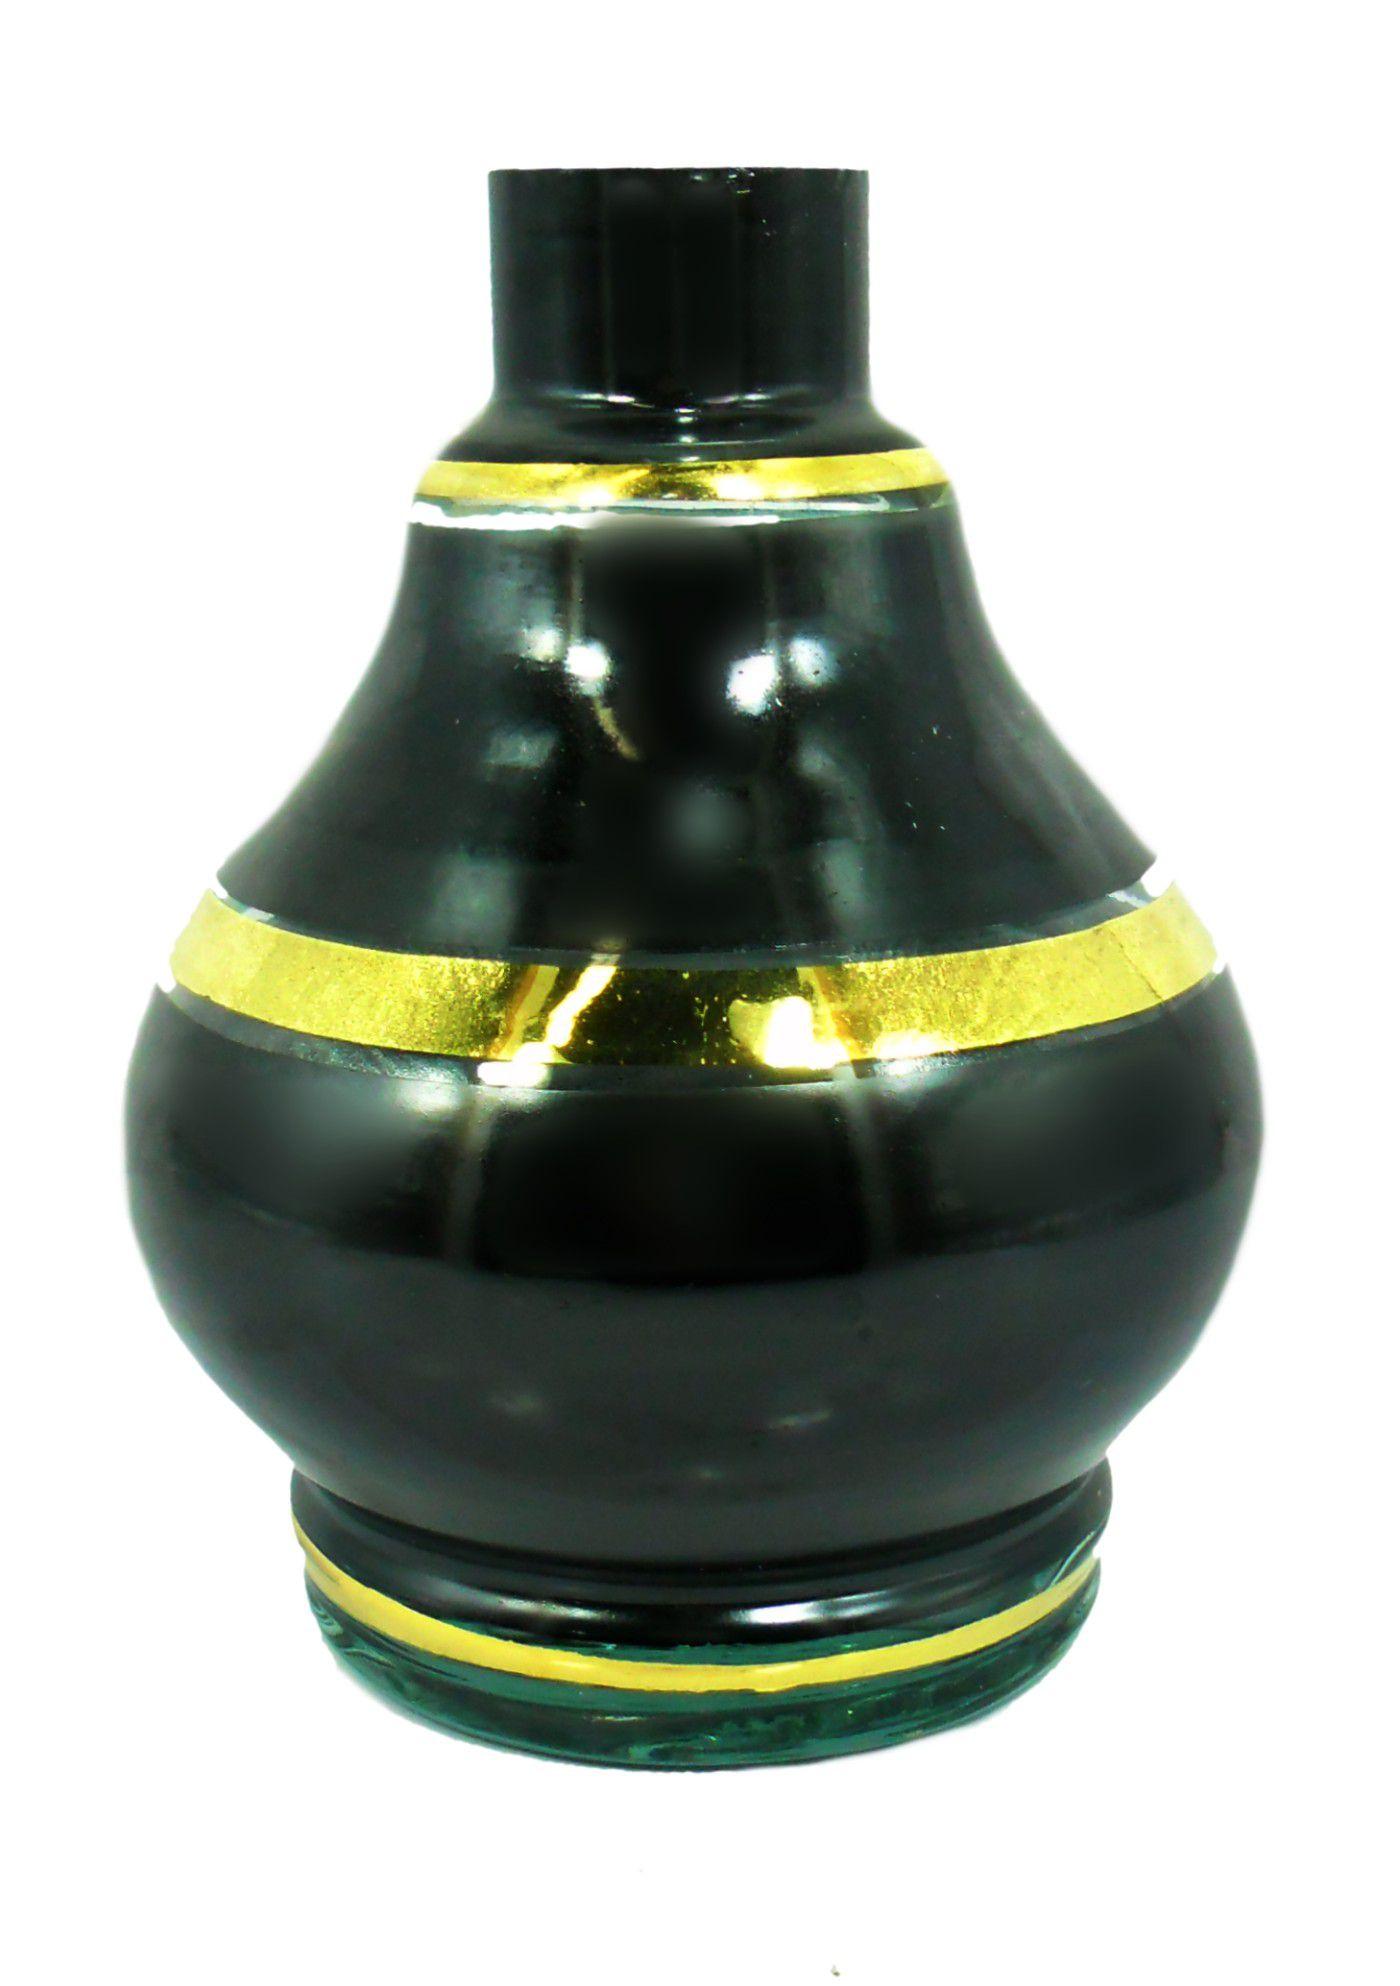 Vaso/base para narguile GOTA macho 15,5cm, artesanal Egípcio preto com listra dourada. Bocal 4,0cm diâm.